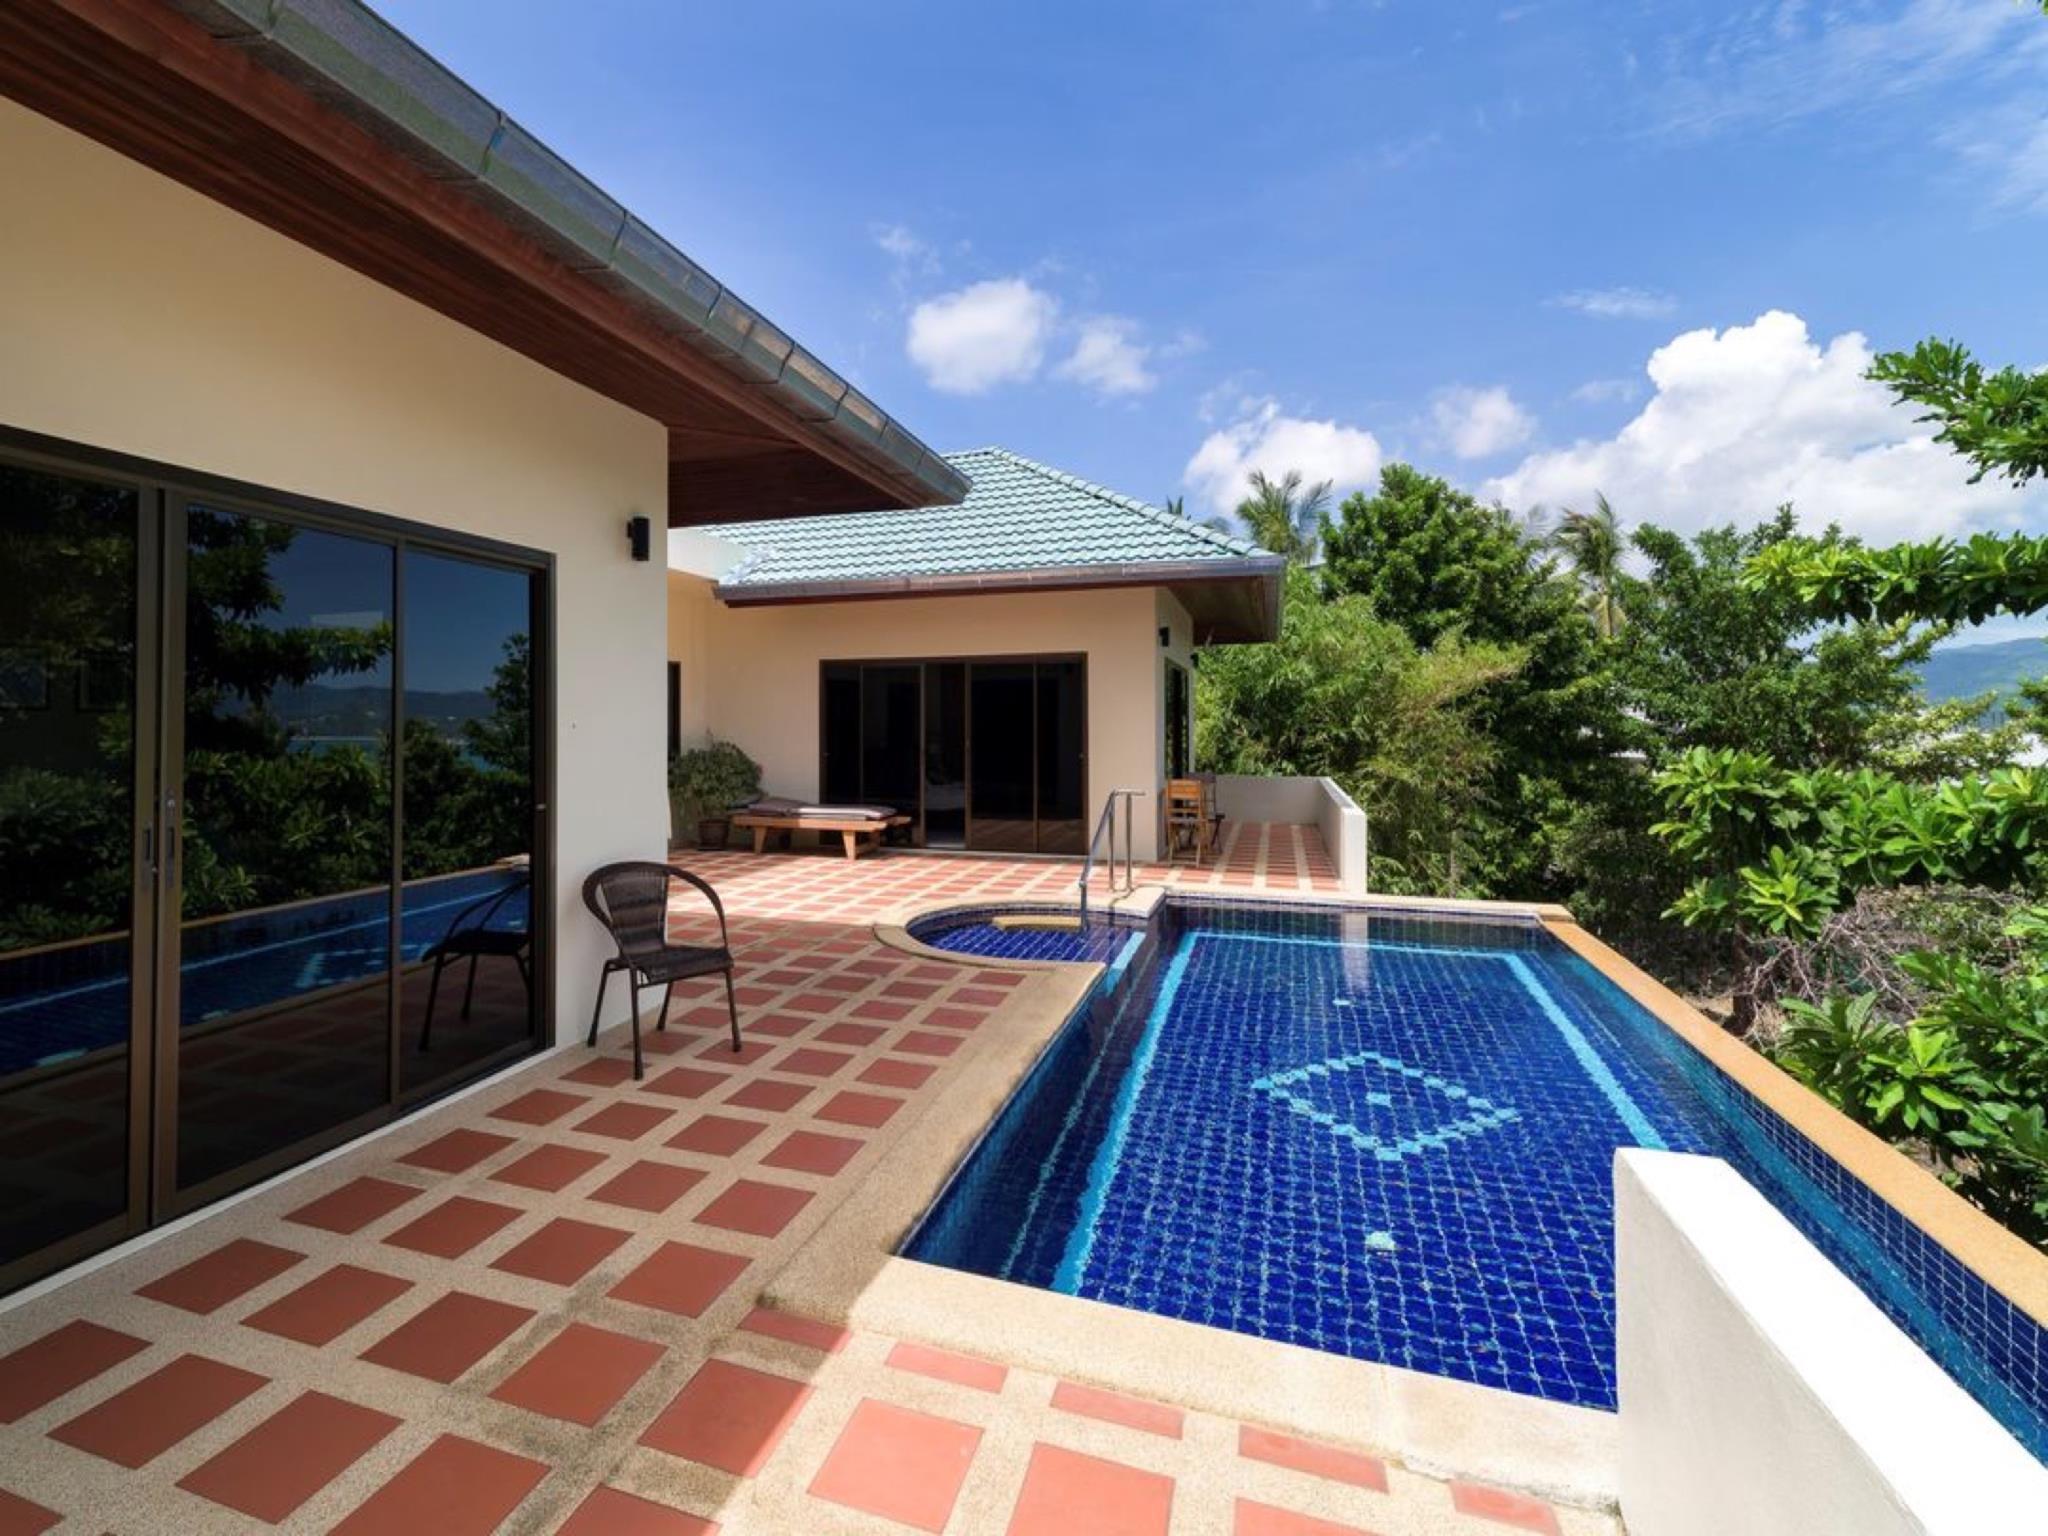 4 Bedroom Sea View Villa - Pad Thai 4 Bedroom Sea View Villa - Pad Thai